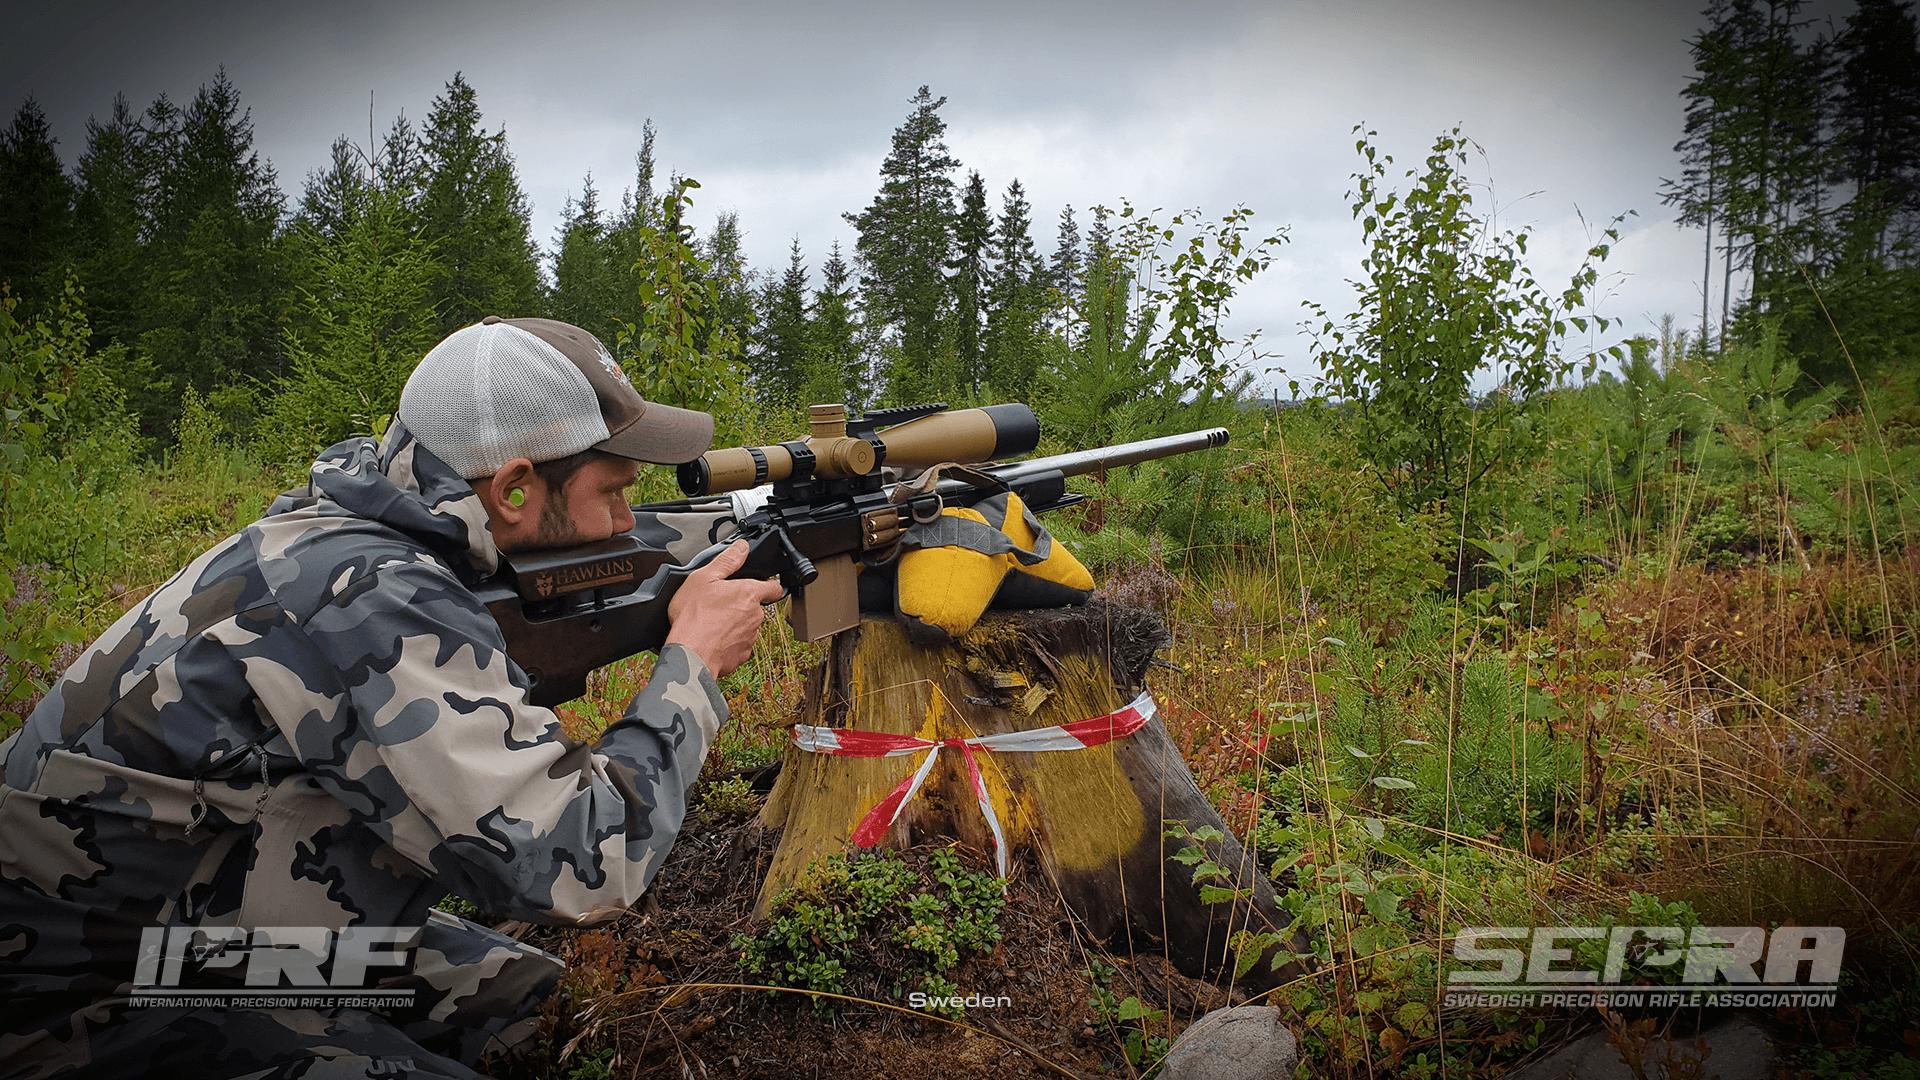 IPRF-Sweden-02